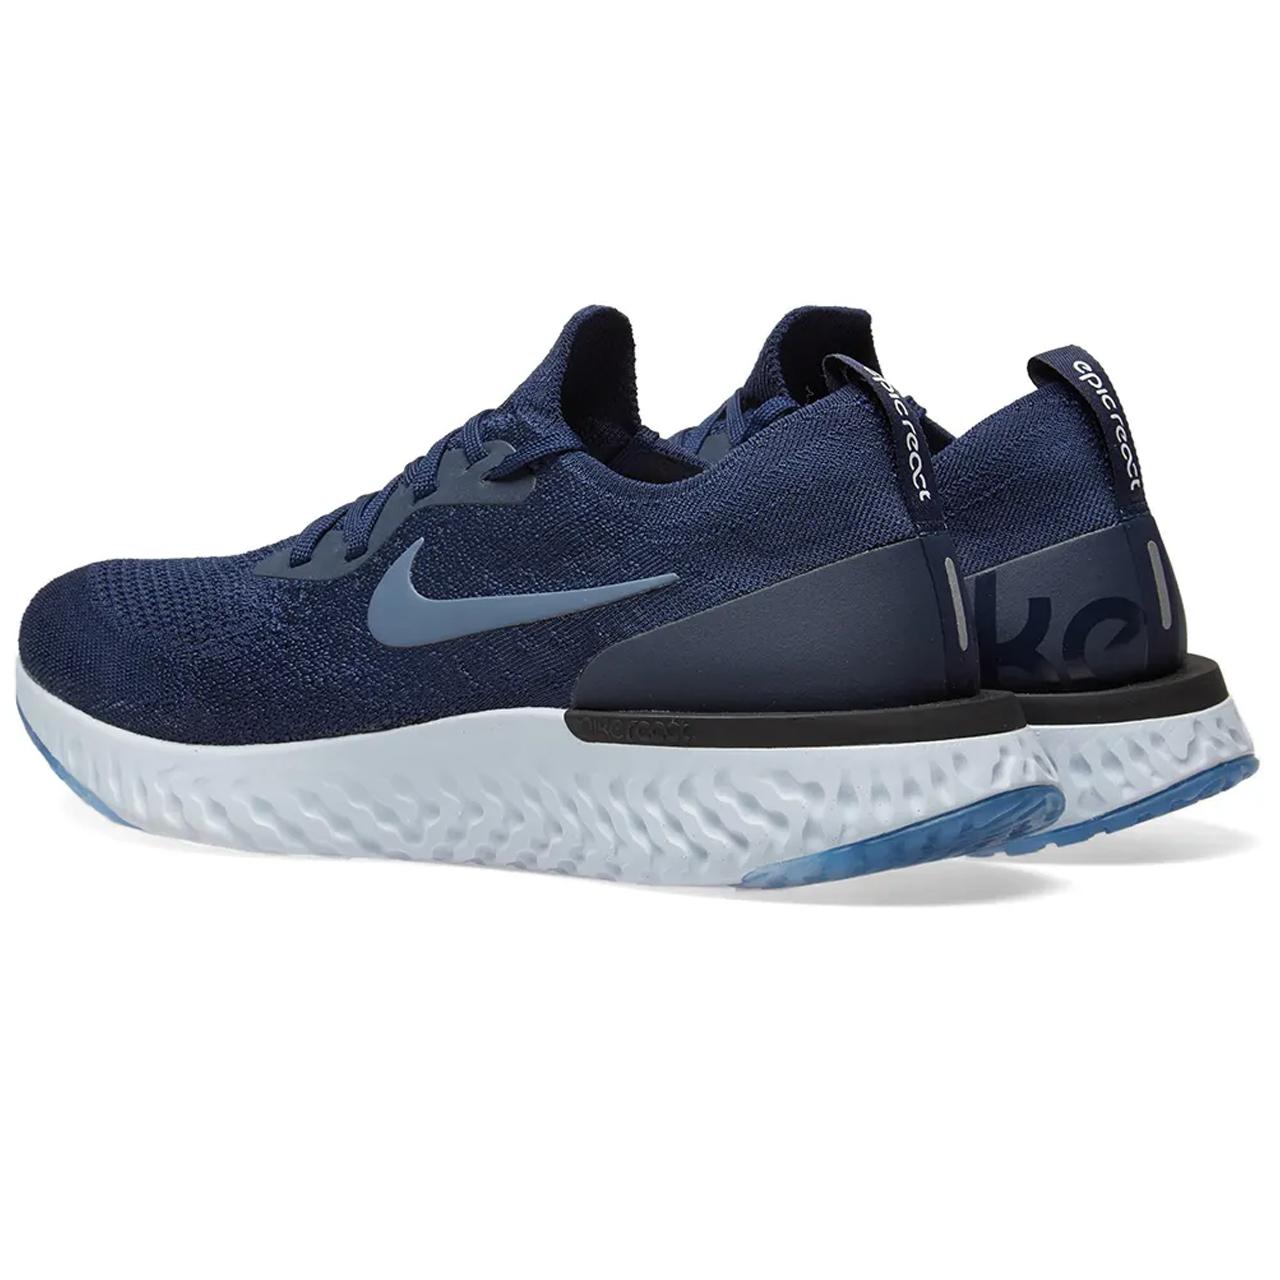 کفش مخصوص دویدن مردانه نایکی مدل Epic React Flyknit